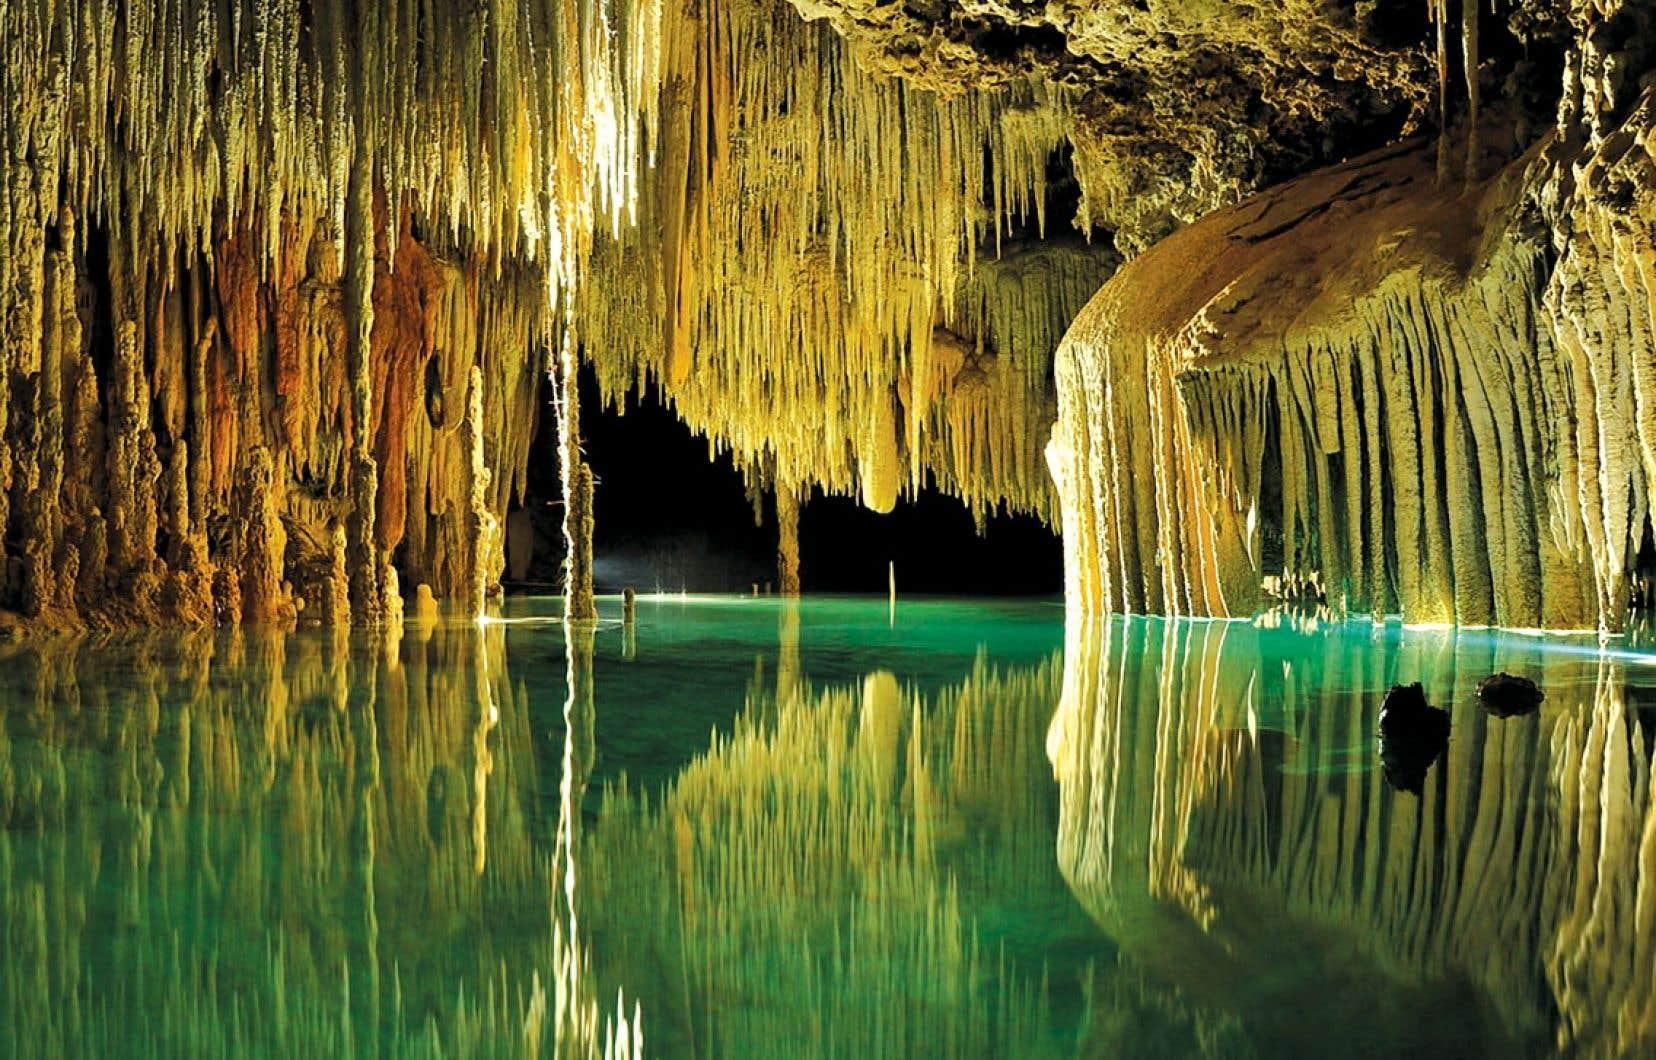 <div> Plus on avance, plus dame Nature dévoile les multiples atours de sa fascinante garde-robe souterraine.</div>